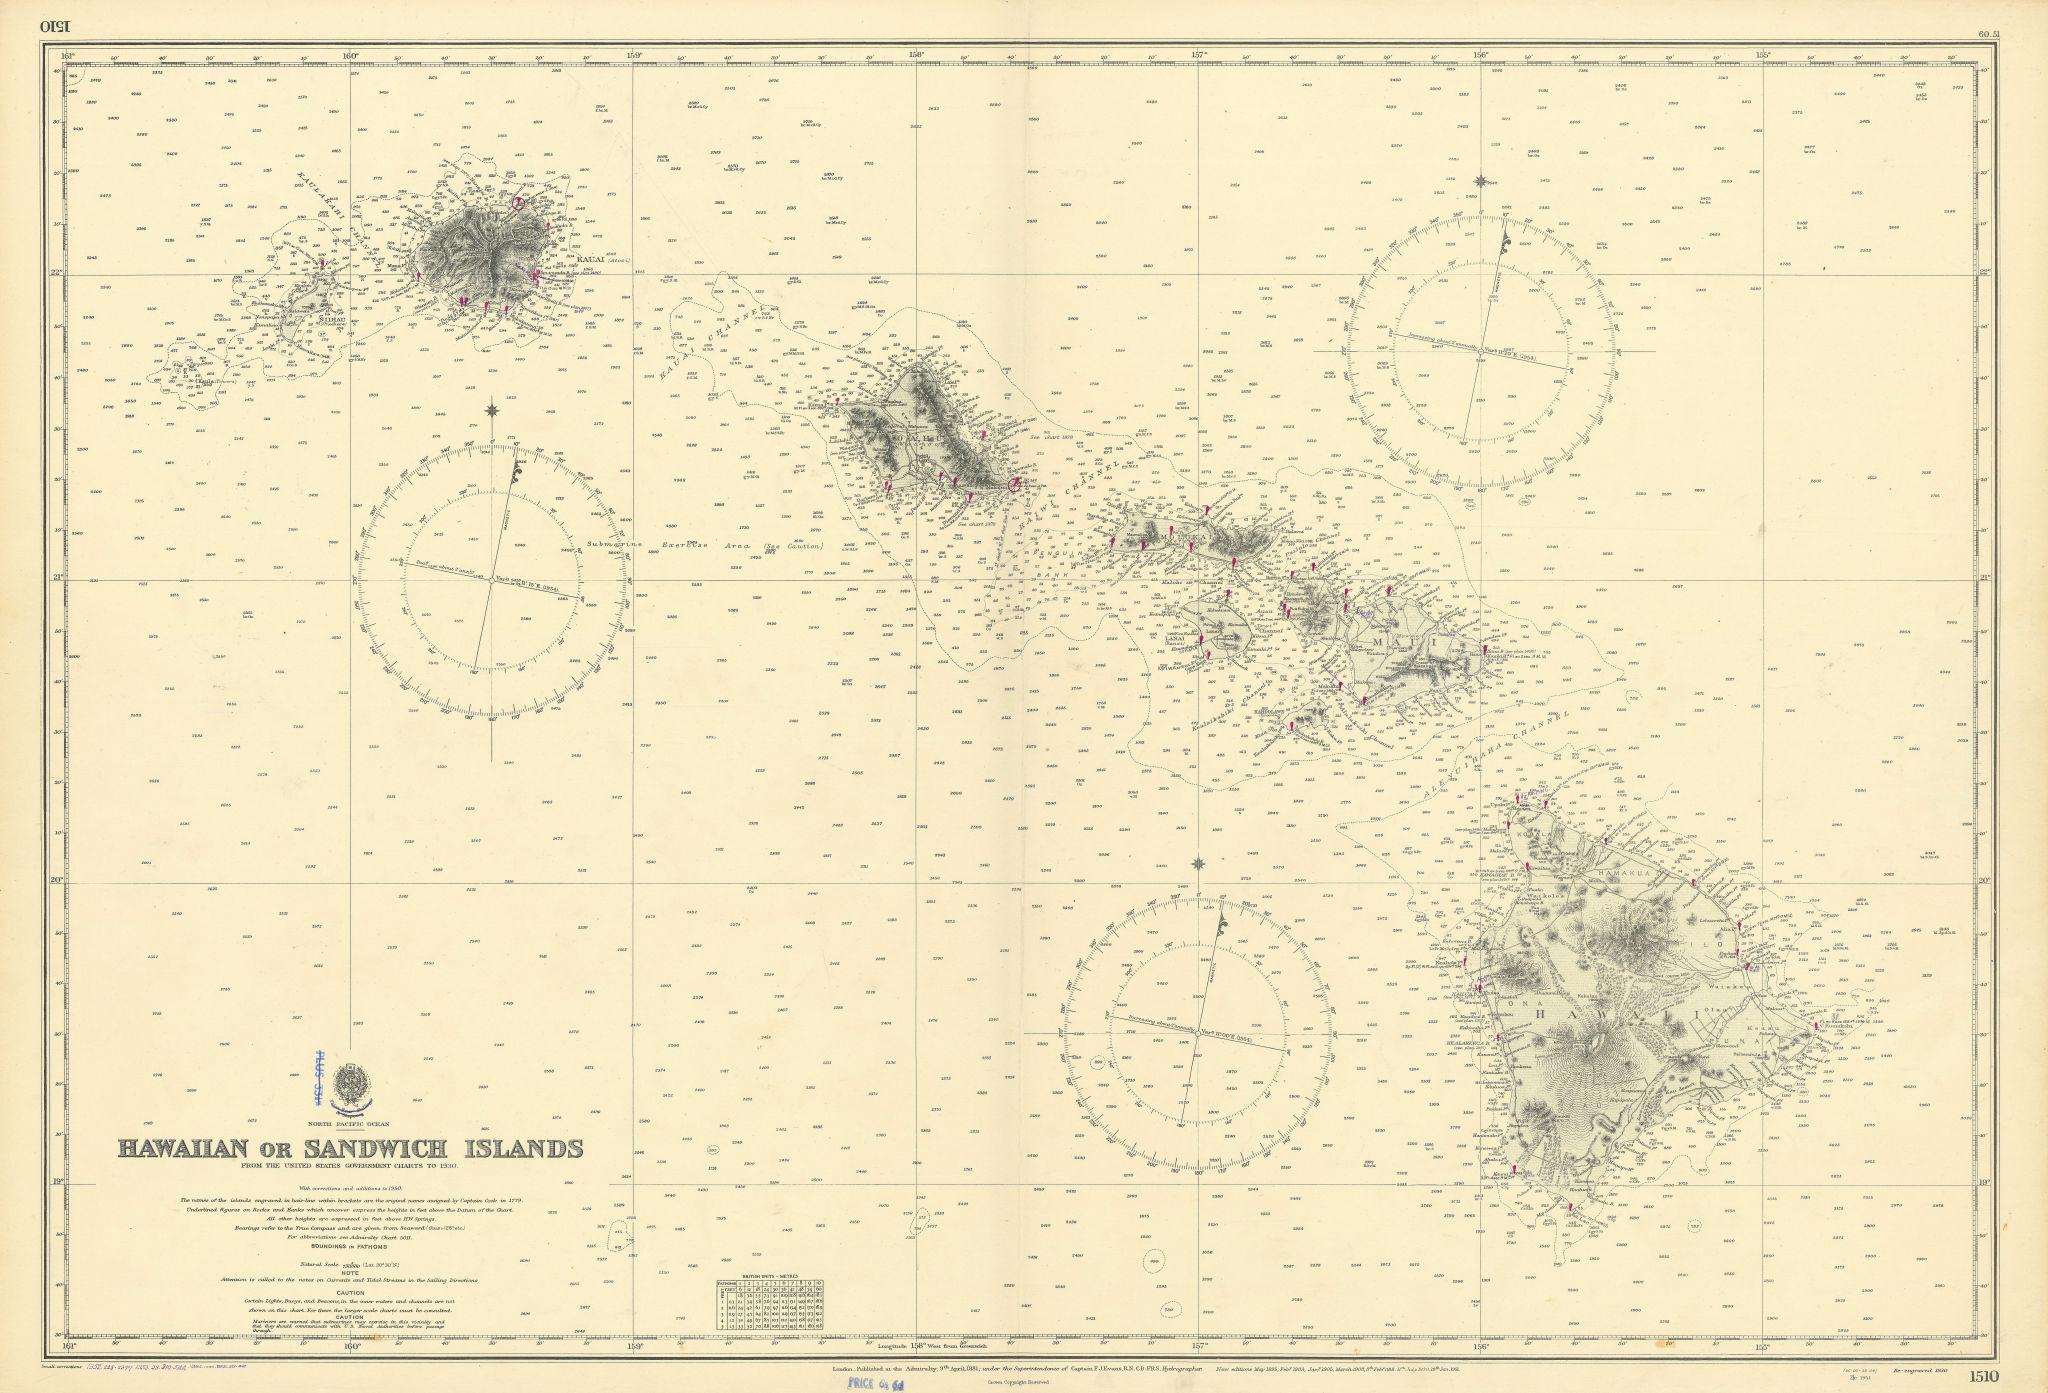 Hawaiian or Sandwich Islands North Pacific Ocean ADMIRALTY chart 1881 (1955) map